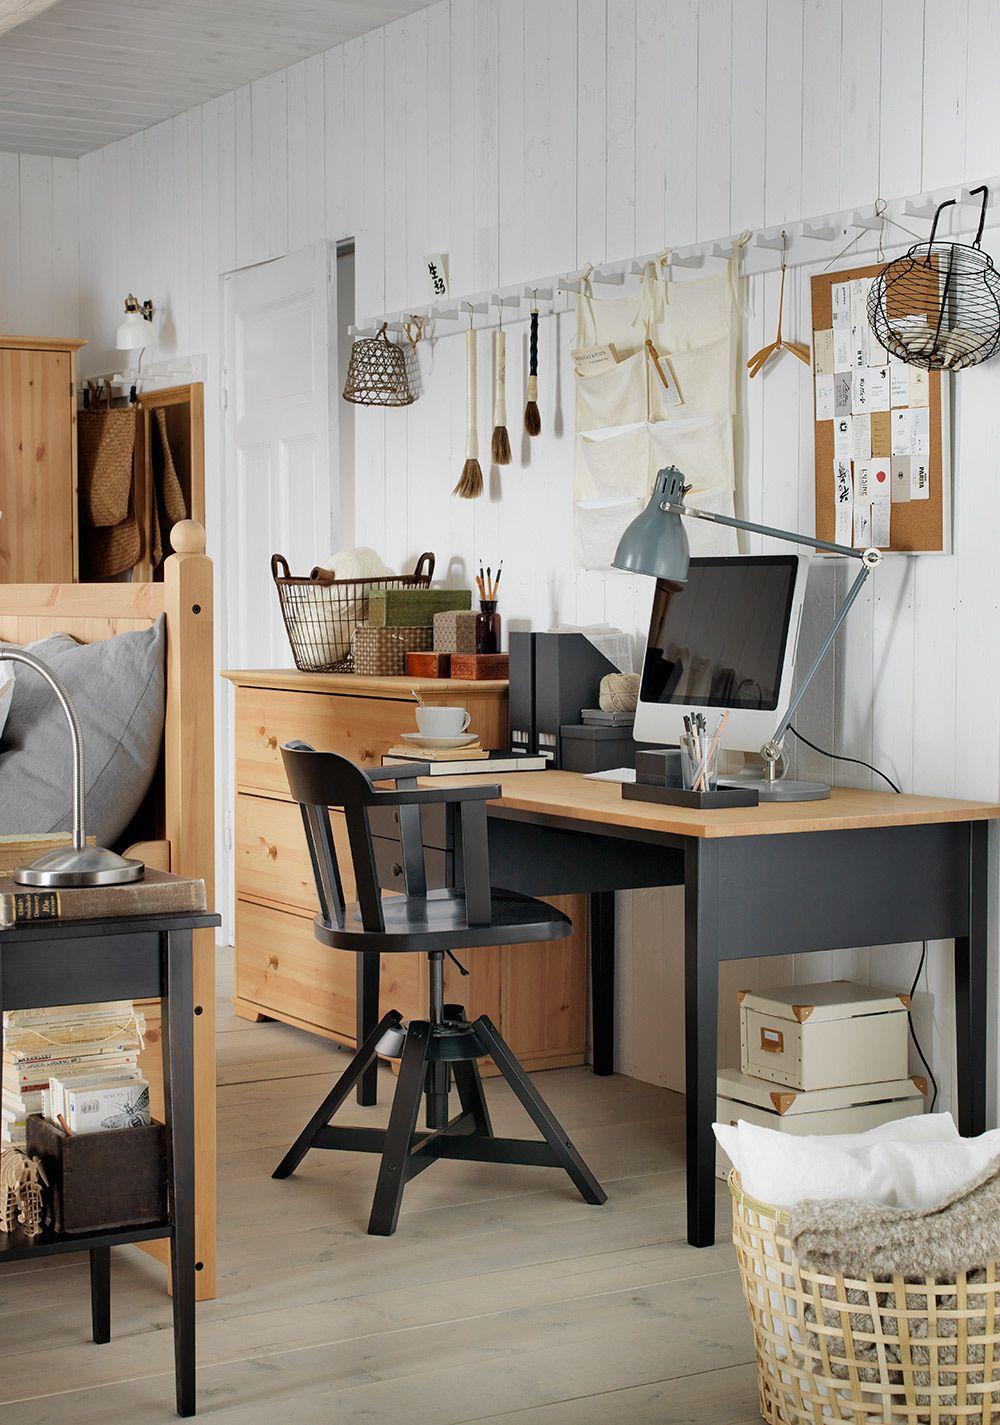 9 sch ne und funktionale ideen f r deinen arbeitsbereich leitung arbeitspl tze pinterest. Black Bedroom Furniture Sets. Home Design Ideas